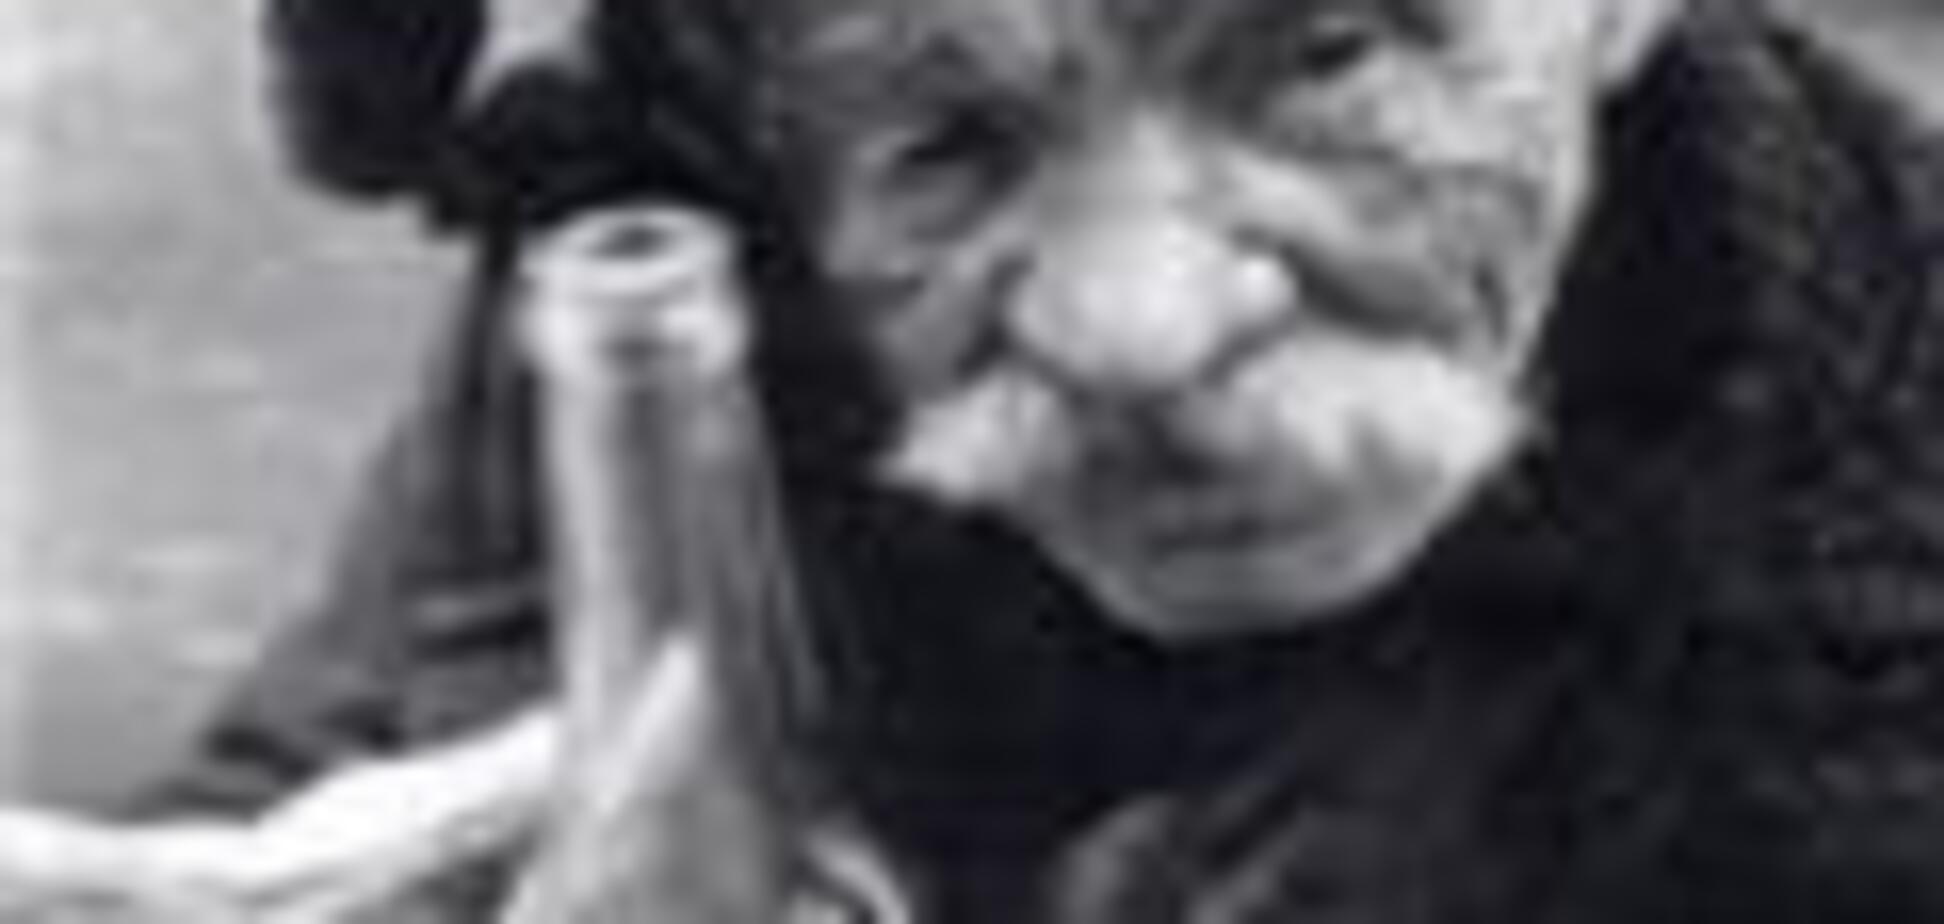 Склад фальшивої горілки розкритий у Вінниці